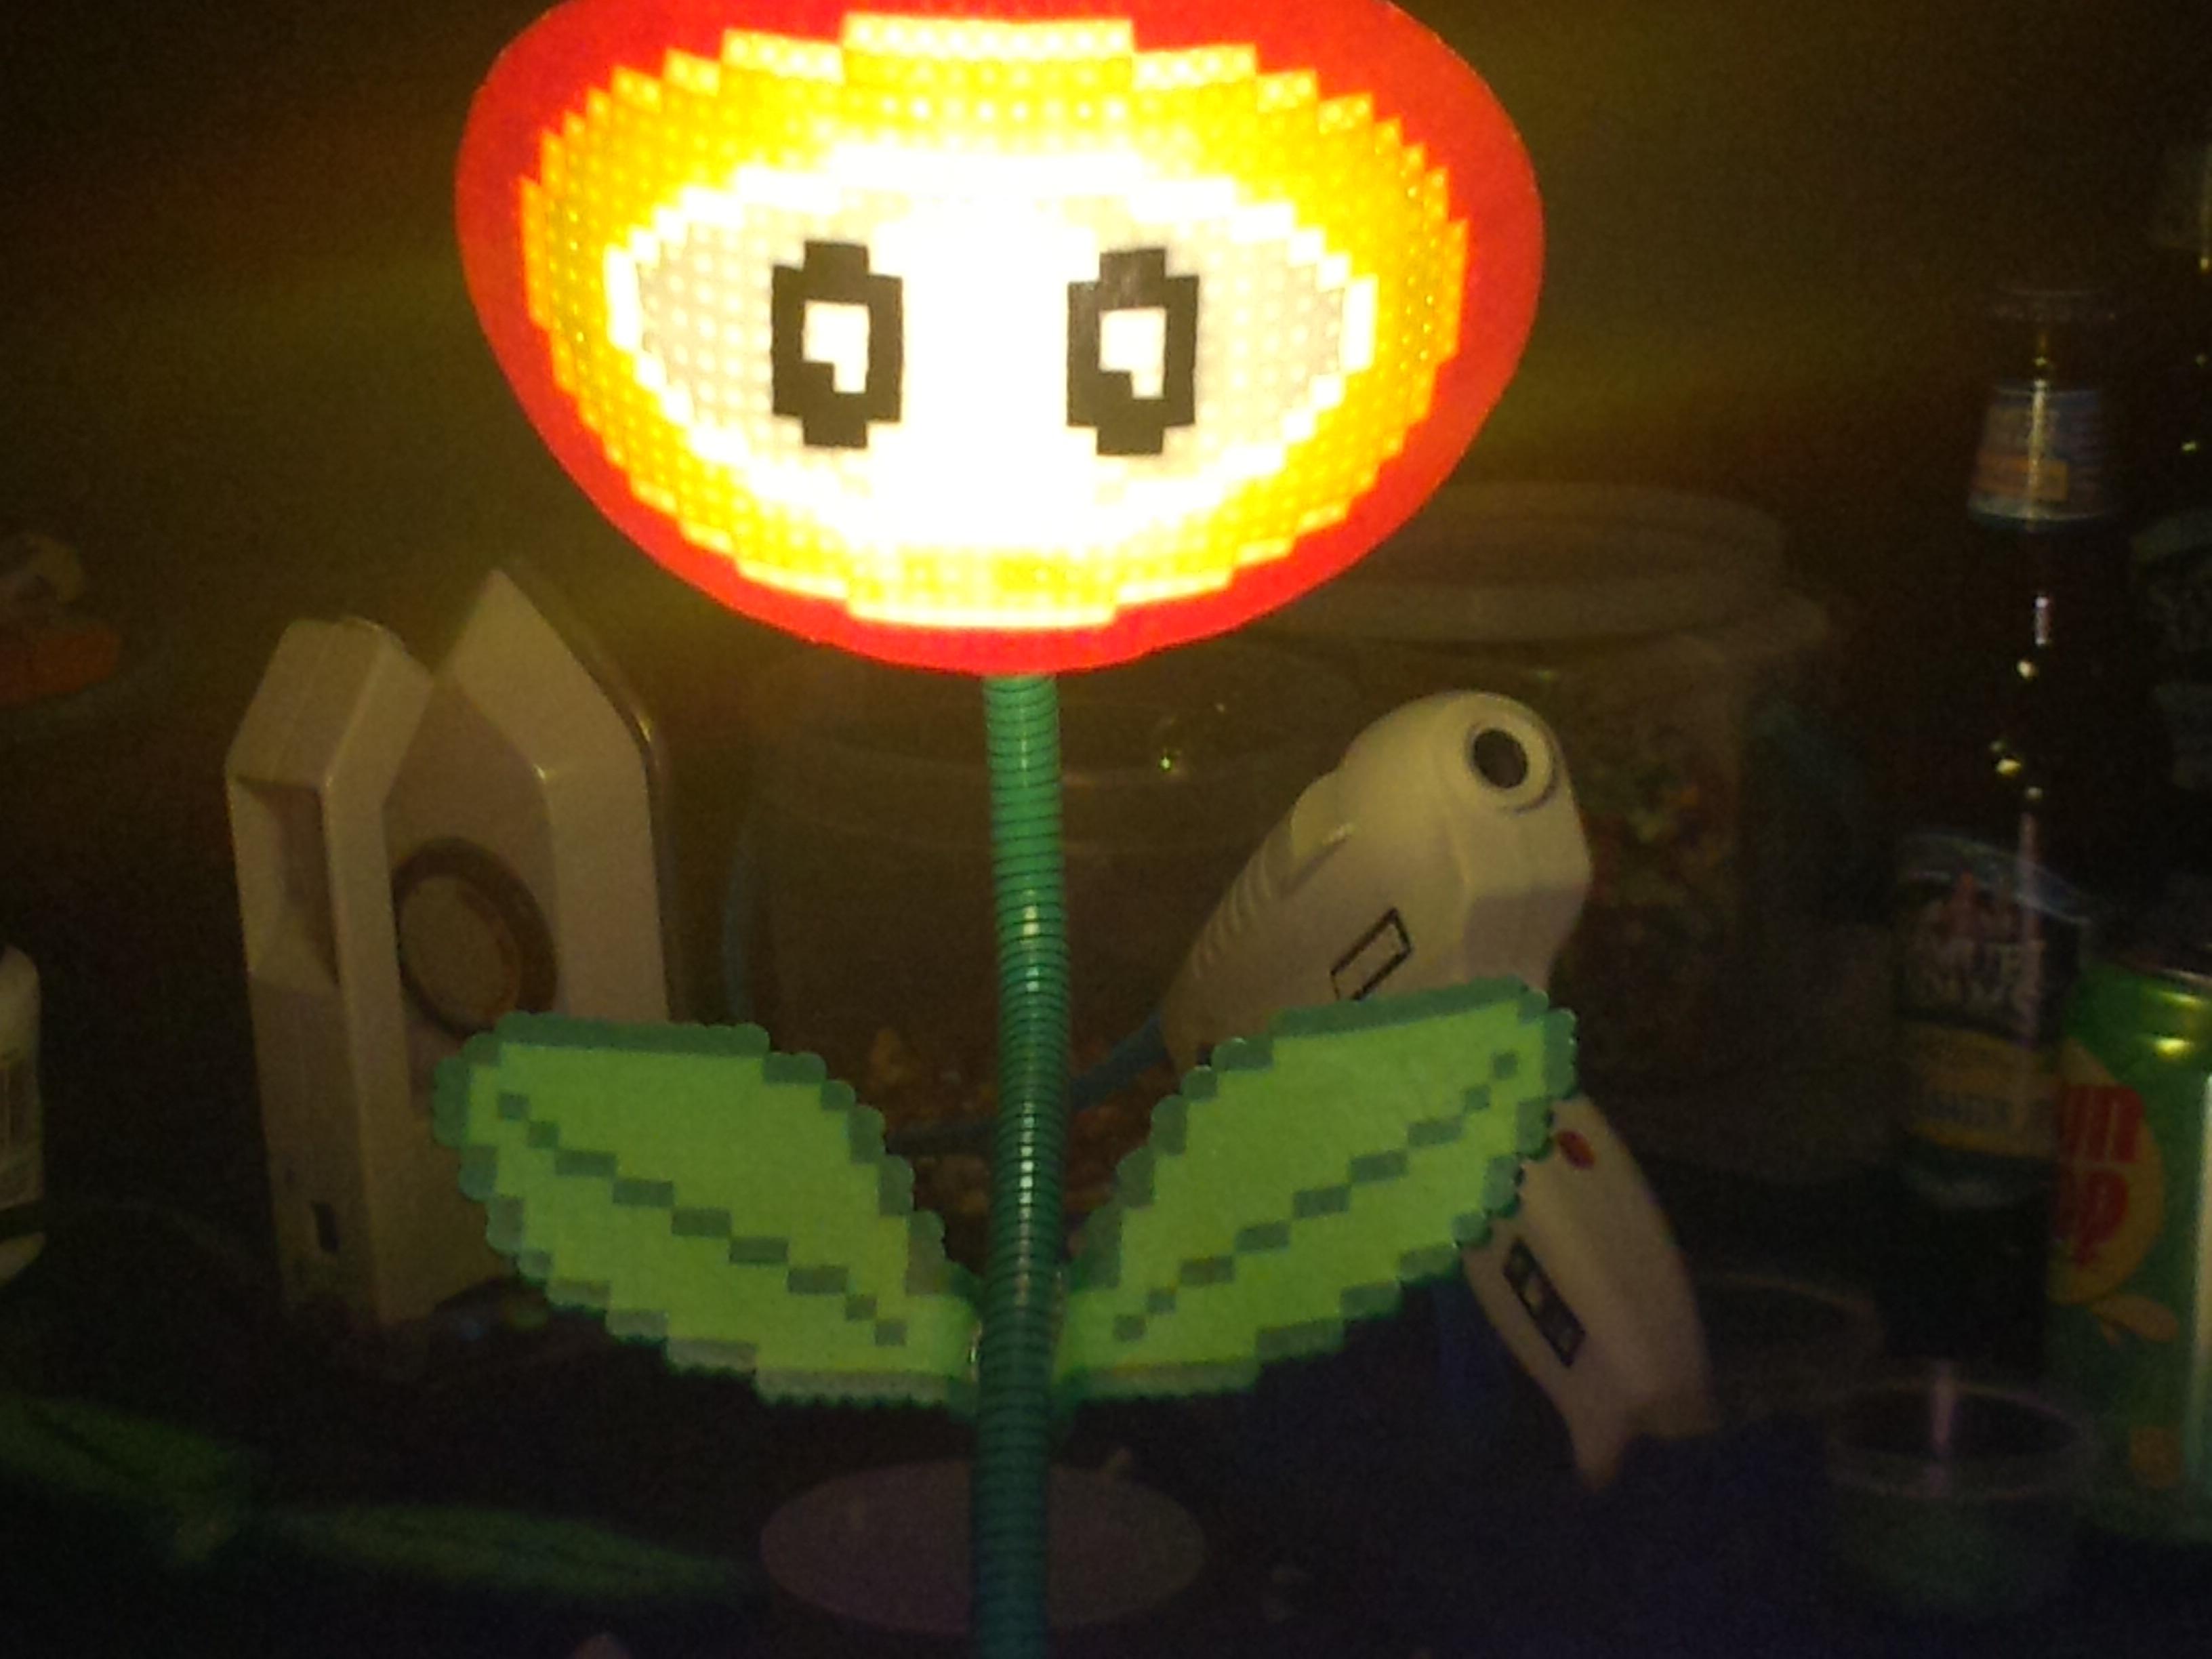 Mario Fireflower Lamp